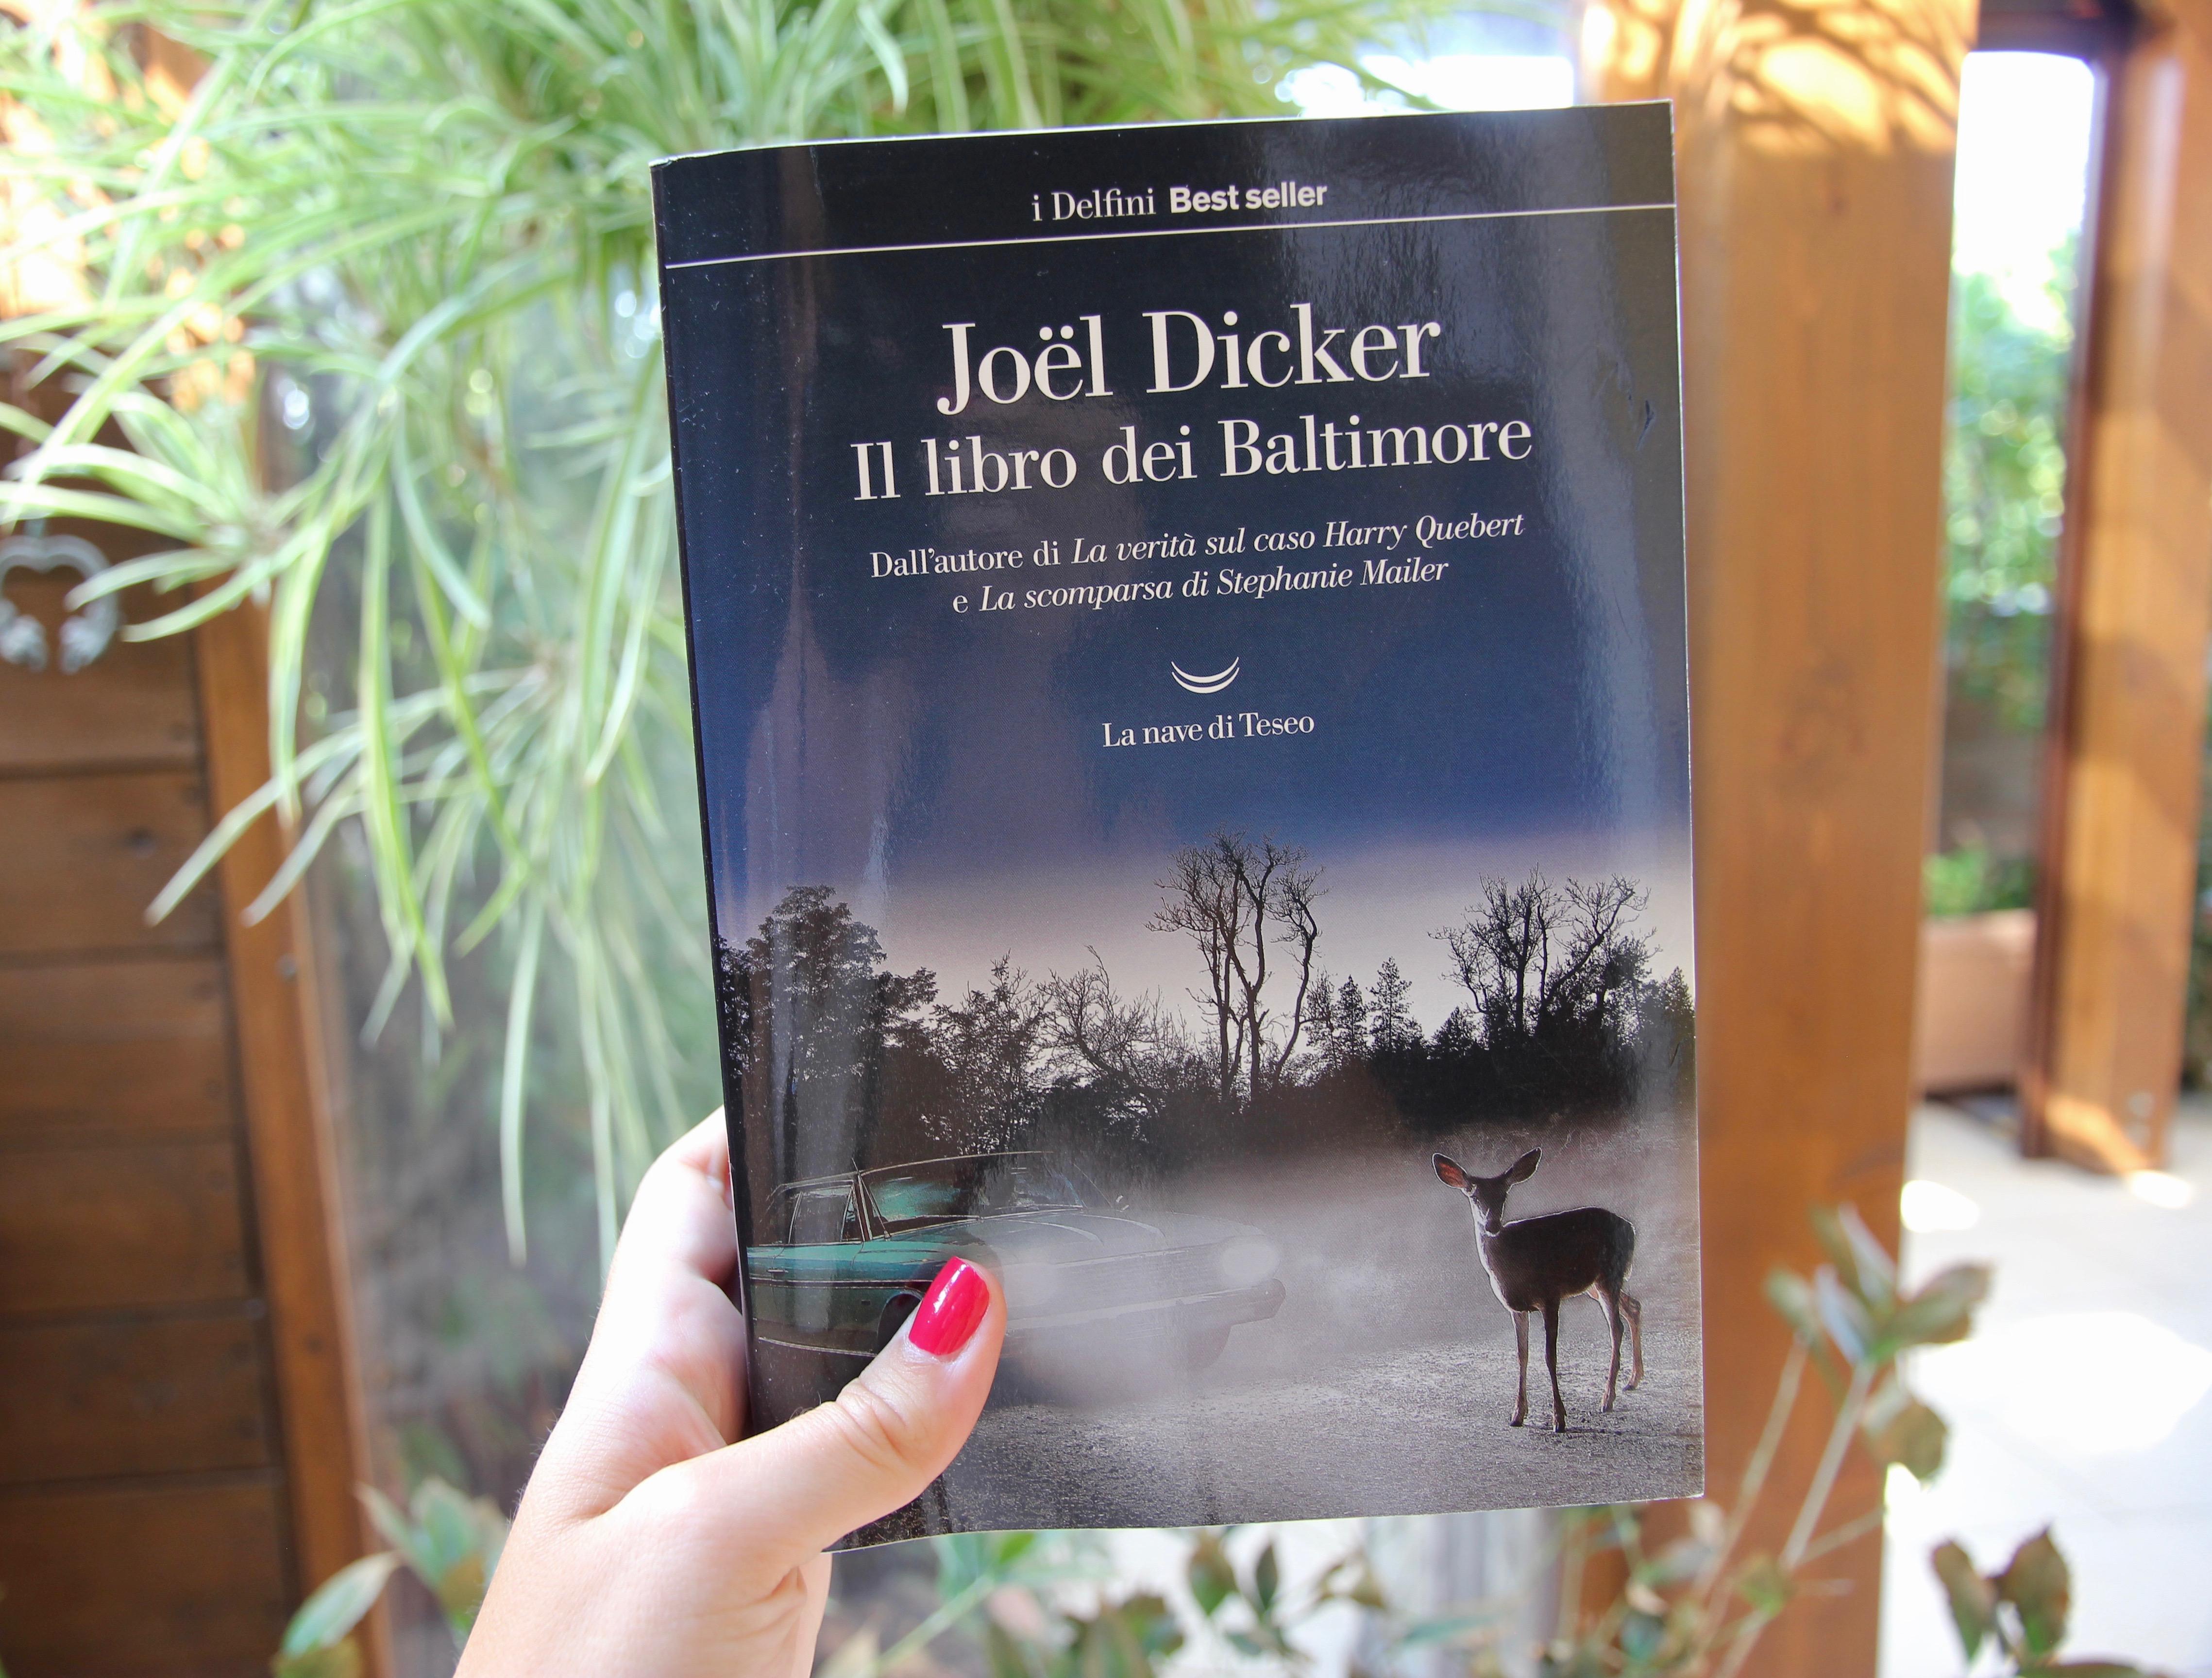 libri di Joël Dicker